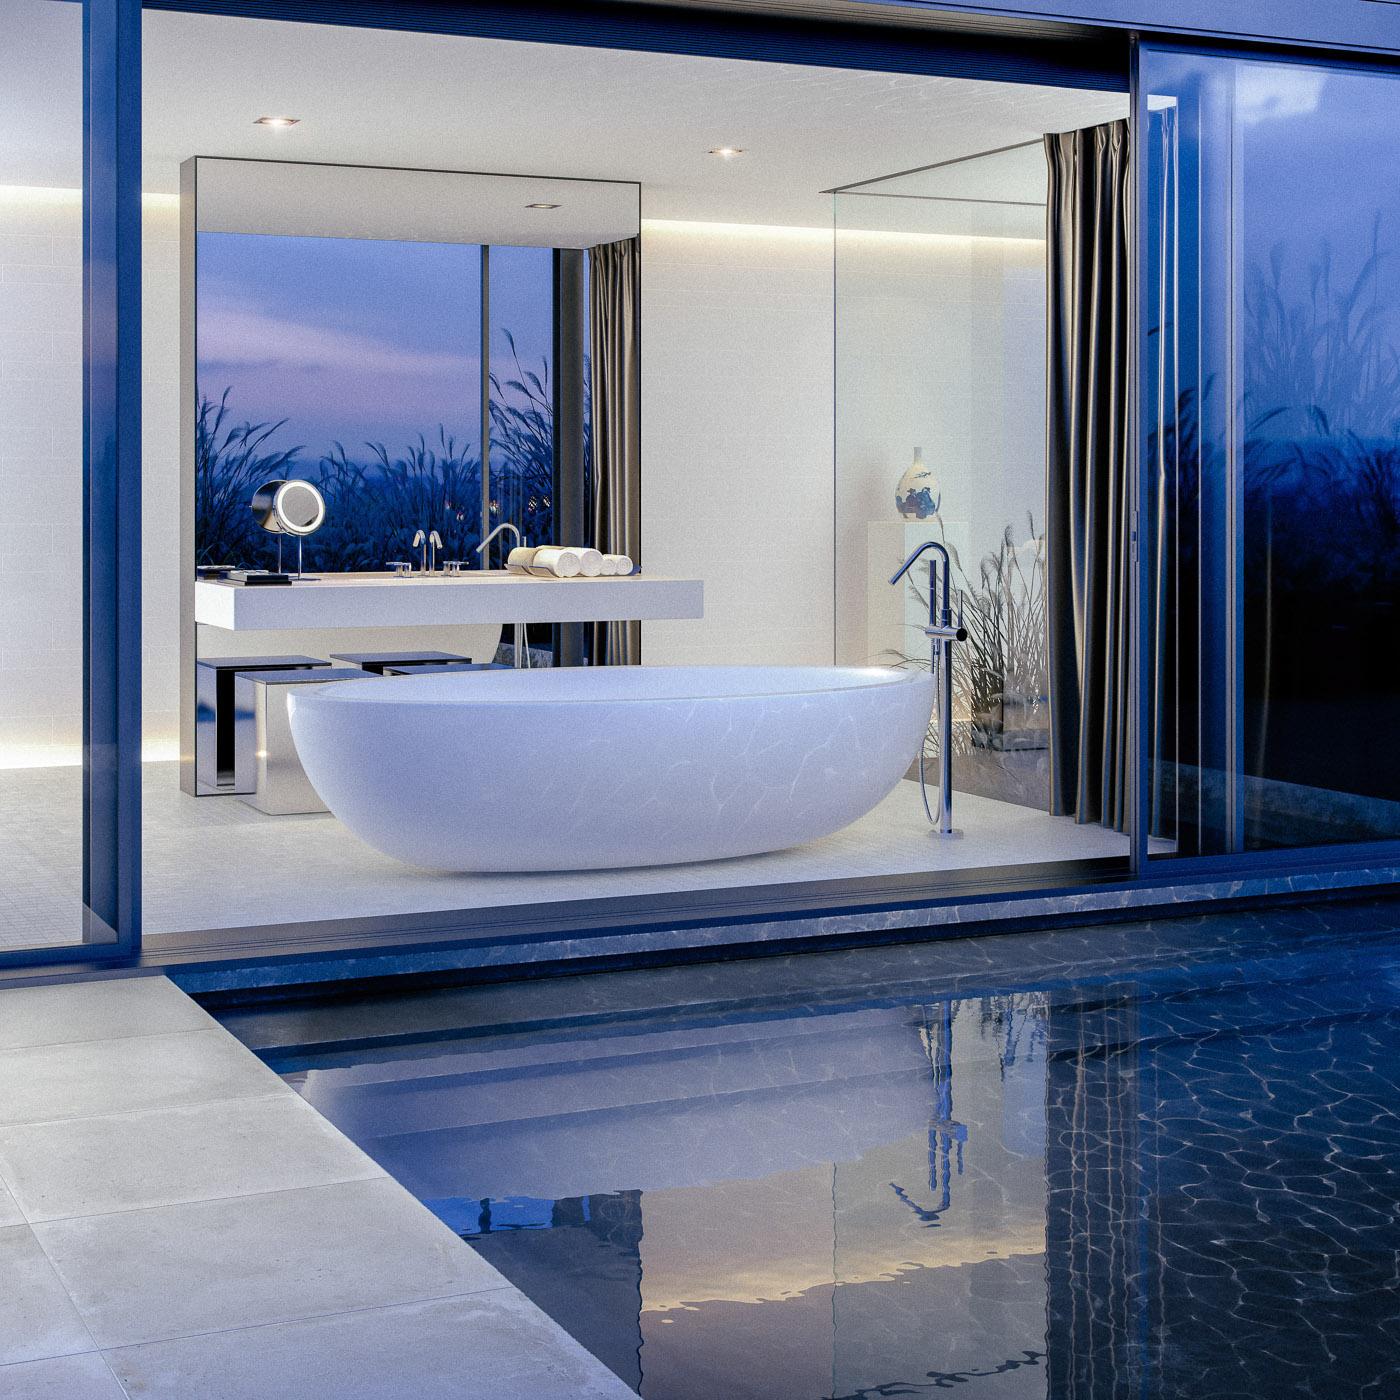 Luxury Properties II on Behance